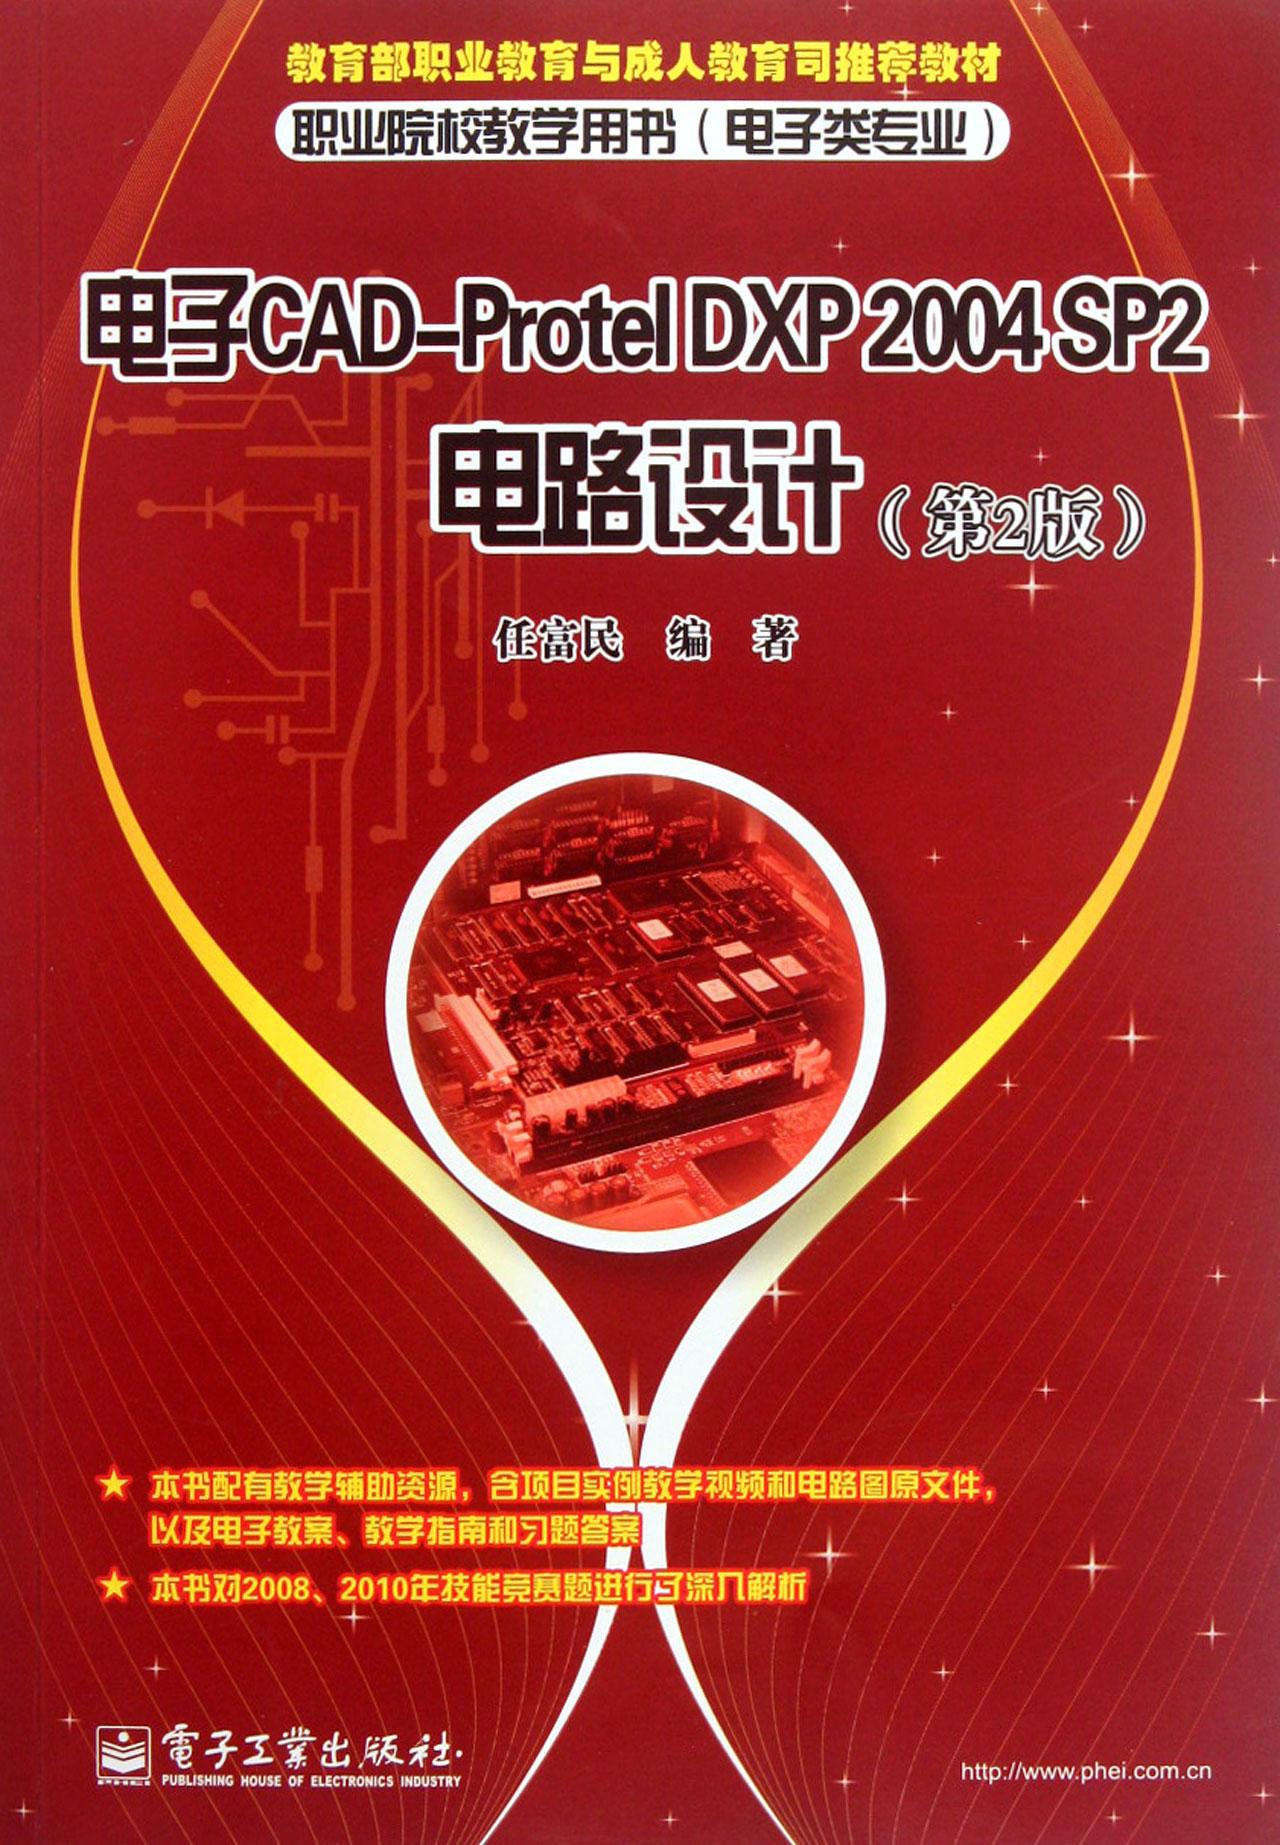 dxp2004sp2电路设计(电子类专业第2版职业院校教学